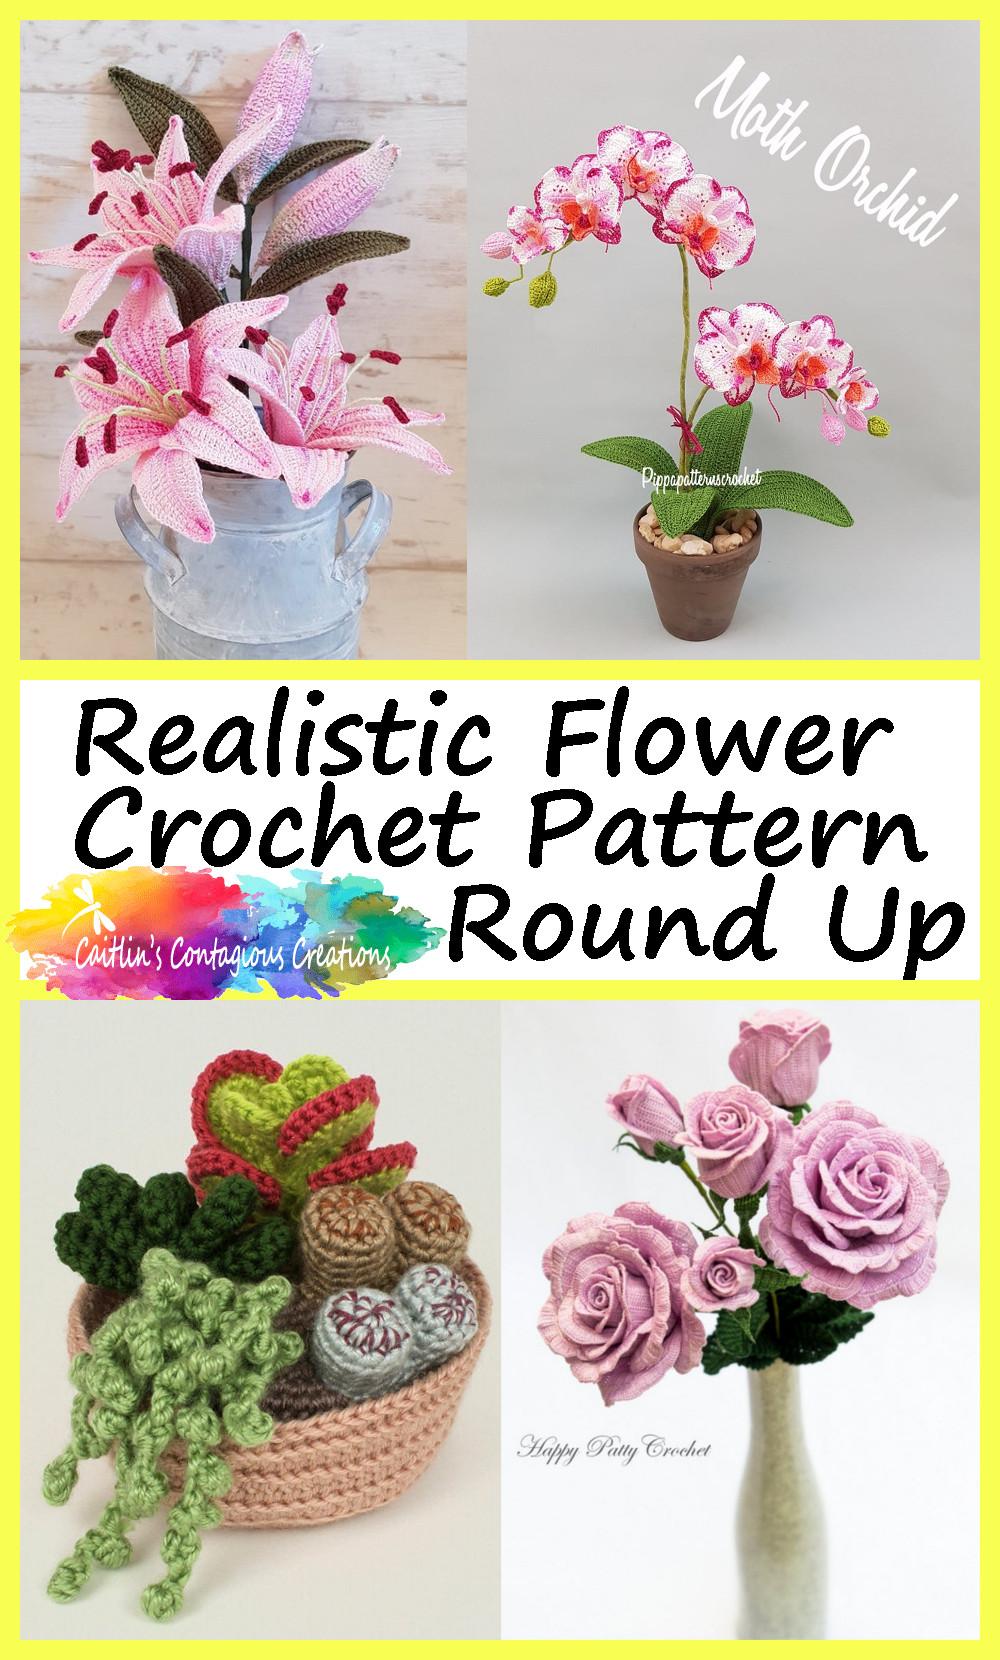 Motif de crochet de fleur réaliste Round Up Pin Image 3 Lily Orchid Succulent Blue Rose Pictures